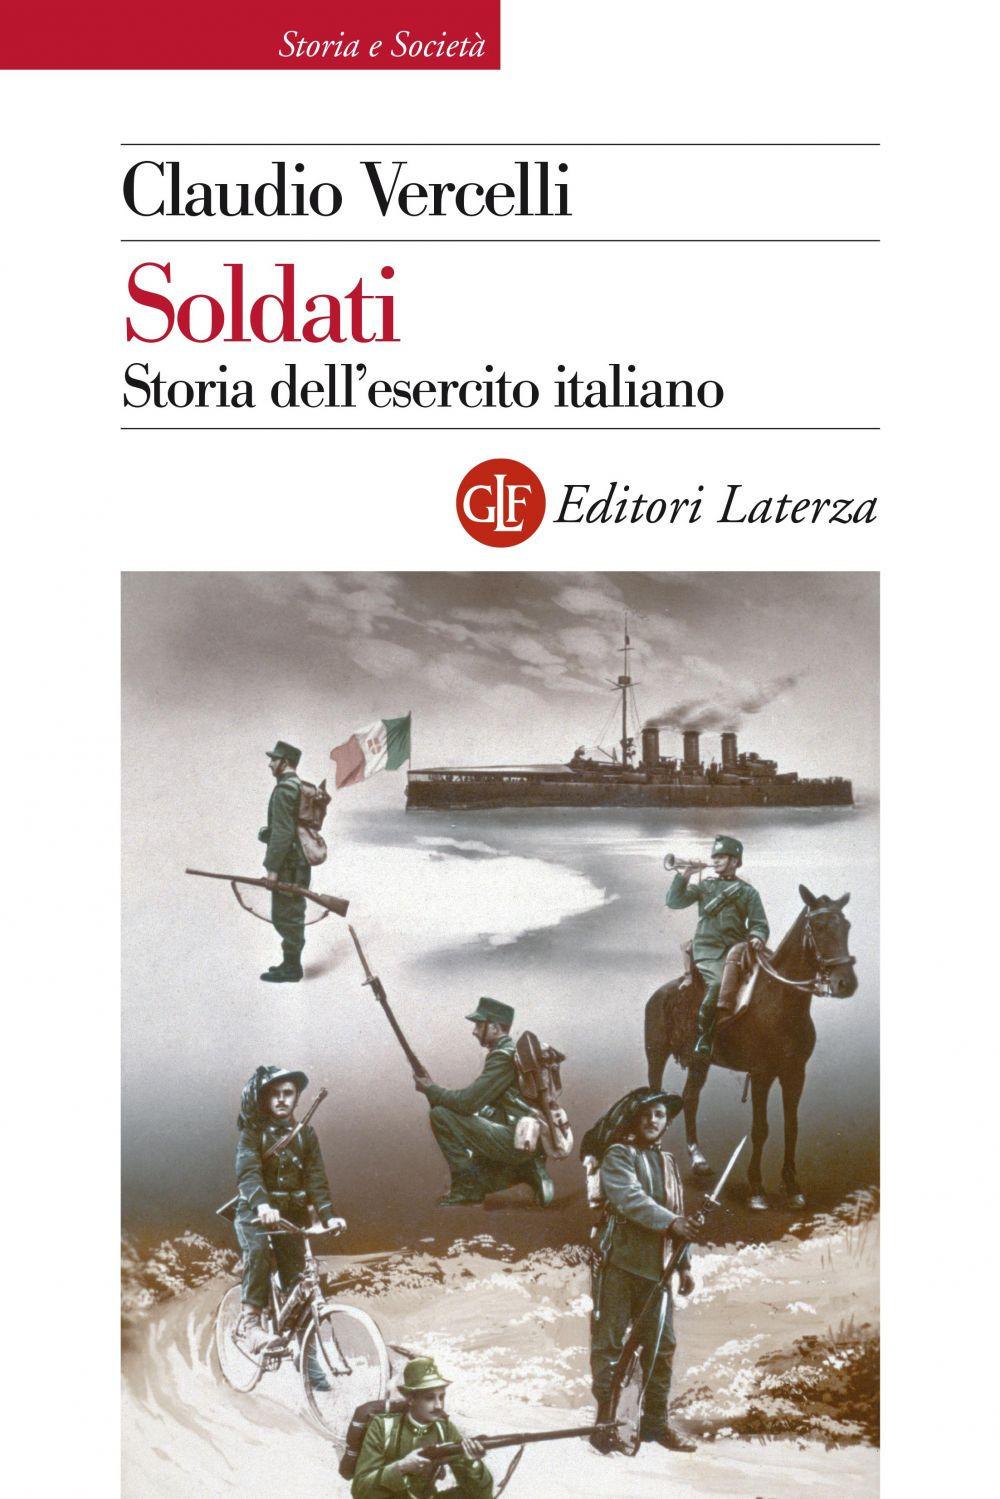 SOLDATI. STORIA DELL'ESERCITO ITALIANO - Vercelli Claudio - 9788858120231